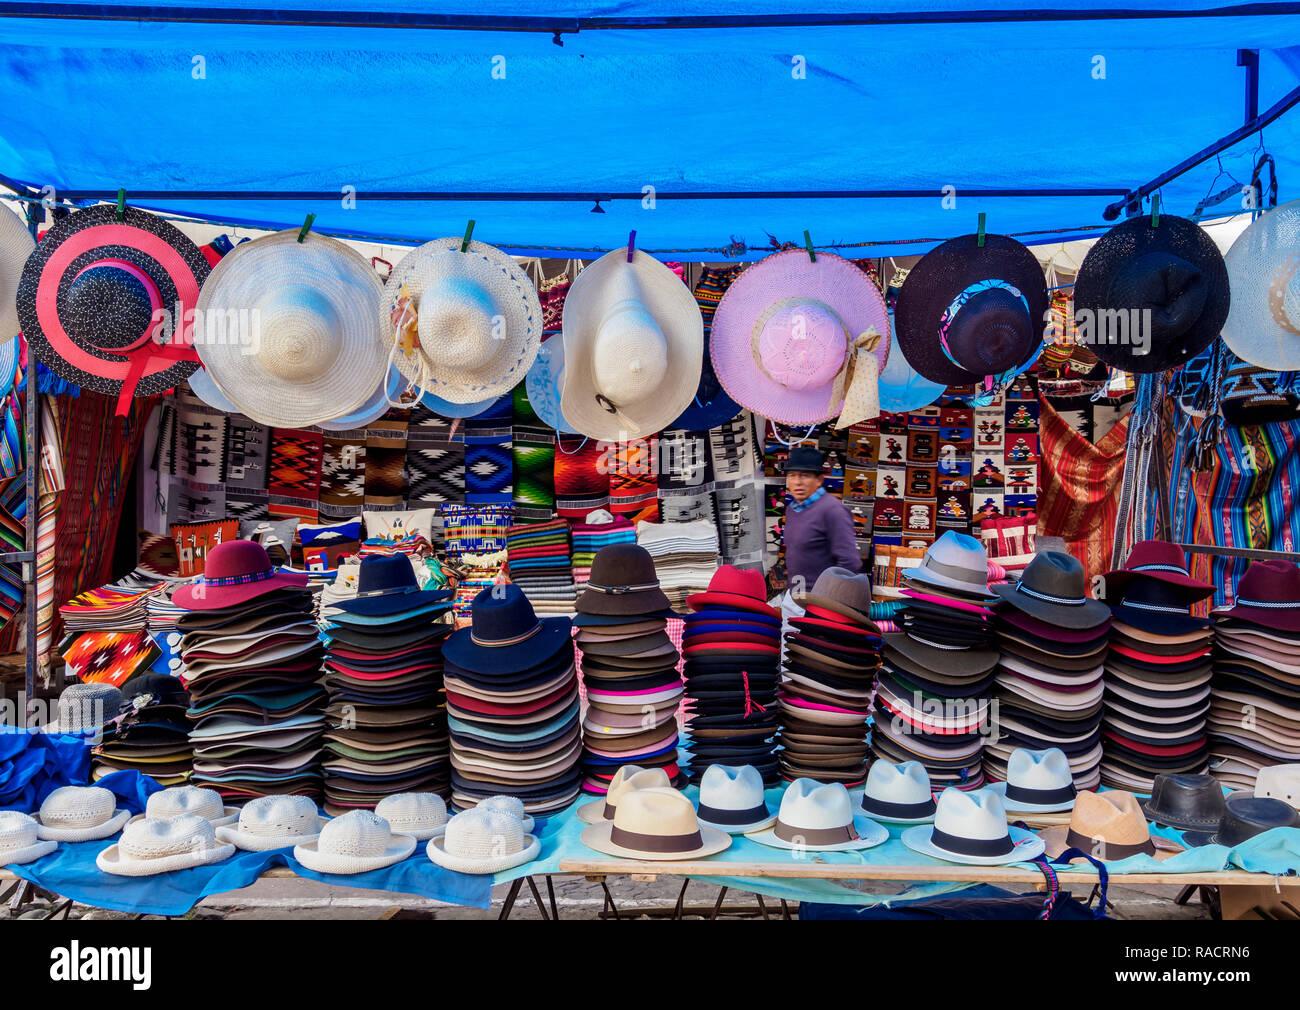 Saturday Handicraft Market, Plaza de los Ponchos, Otavalo, Imbabura Province, Ecuador, South America - Stock Image